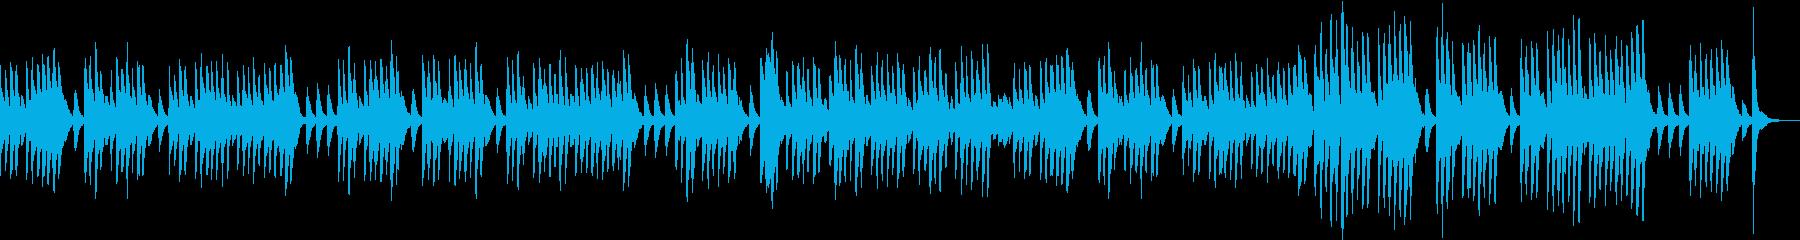 楽しくてワクワクする軽快なピアノ曲2の再生済みの波形